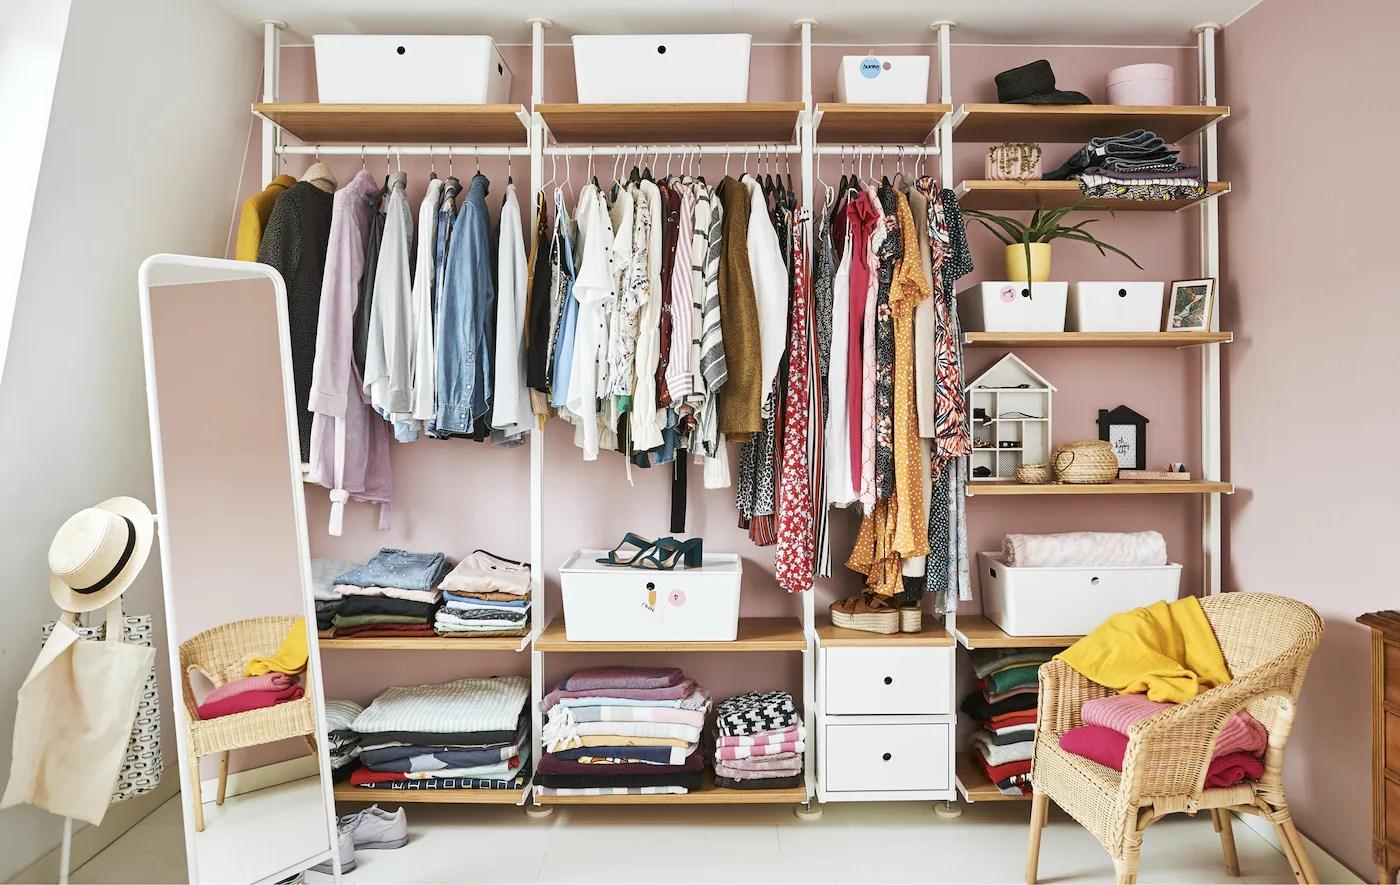 Offener Kleiderschrank Ideen & Inspiration   IKEA   IKEA ...